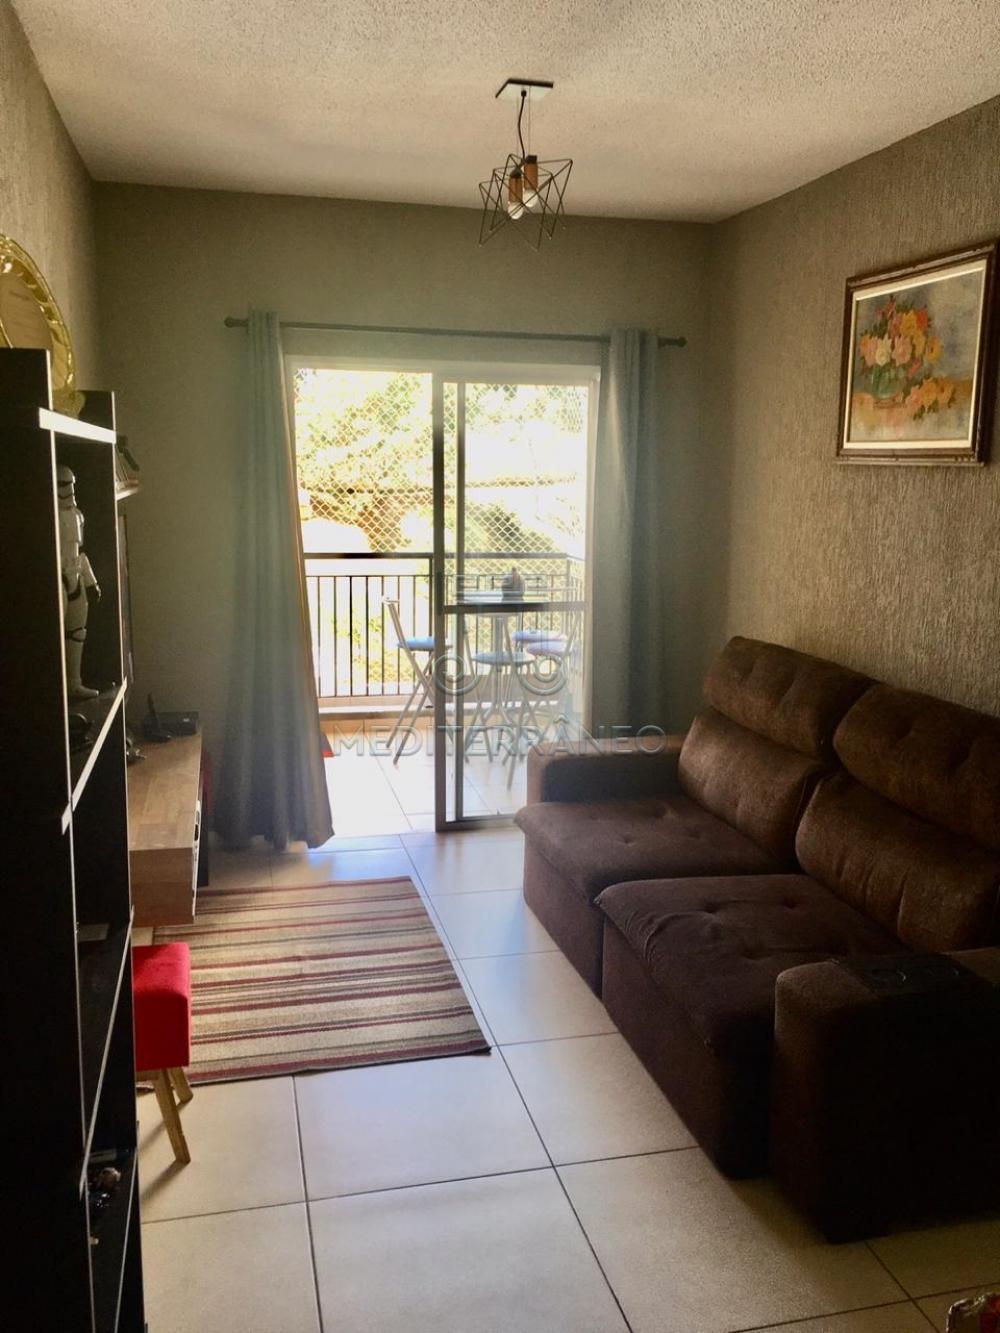 Comprar Apartamento / Padrão em Jundiaí apenas R$ 405.000,00 - Foto 3